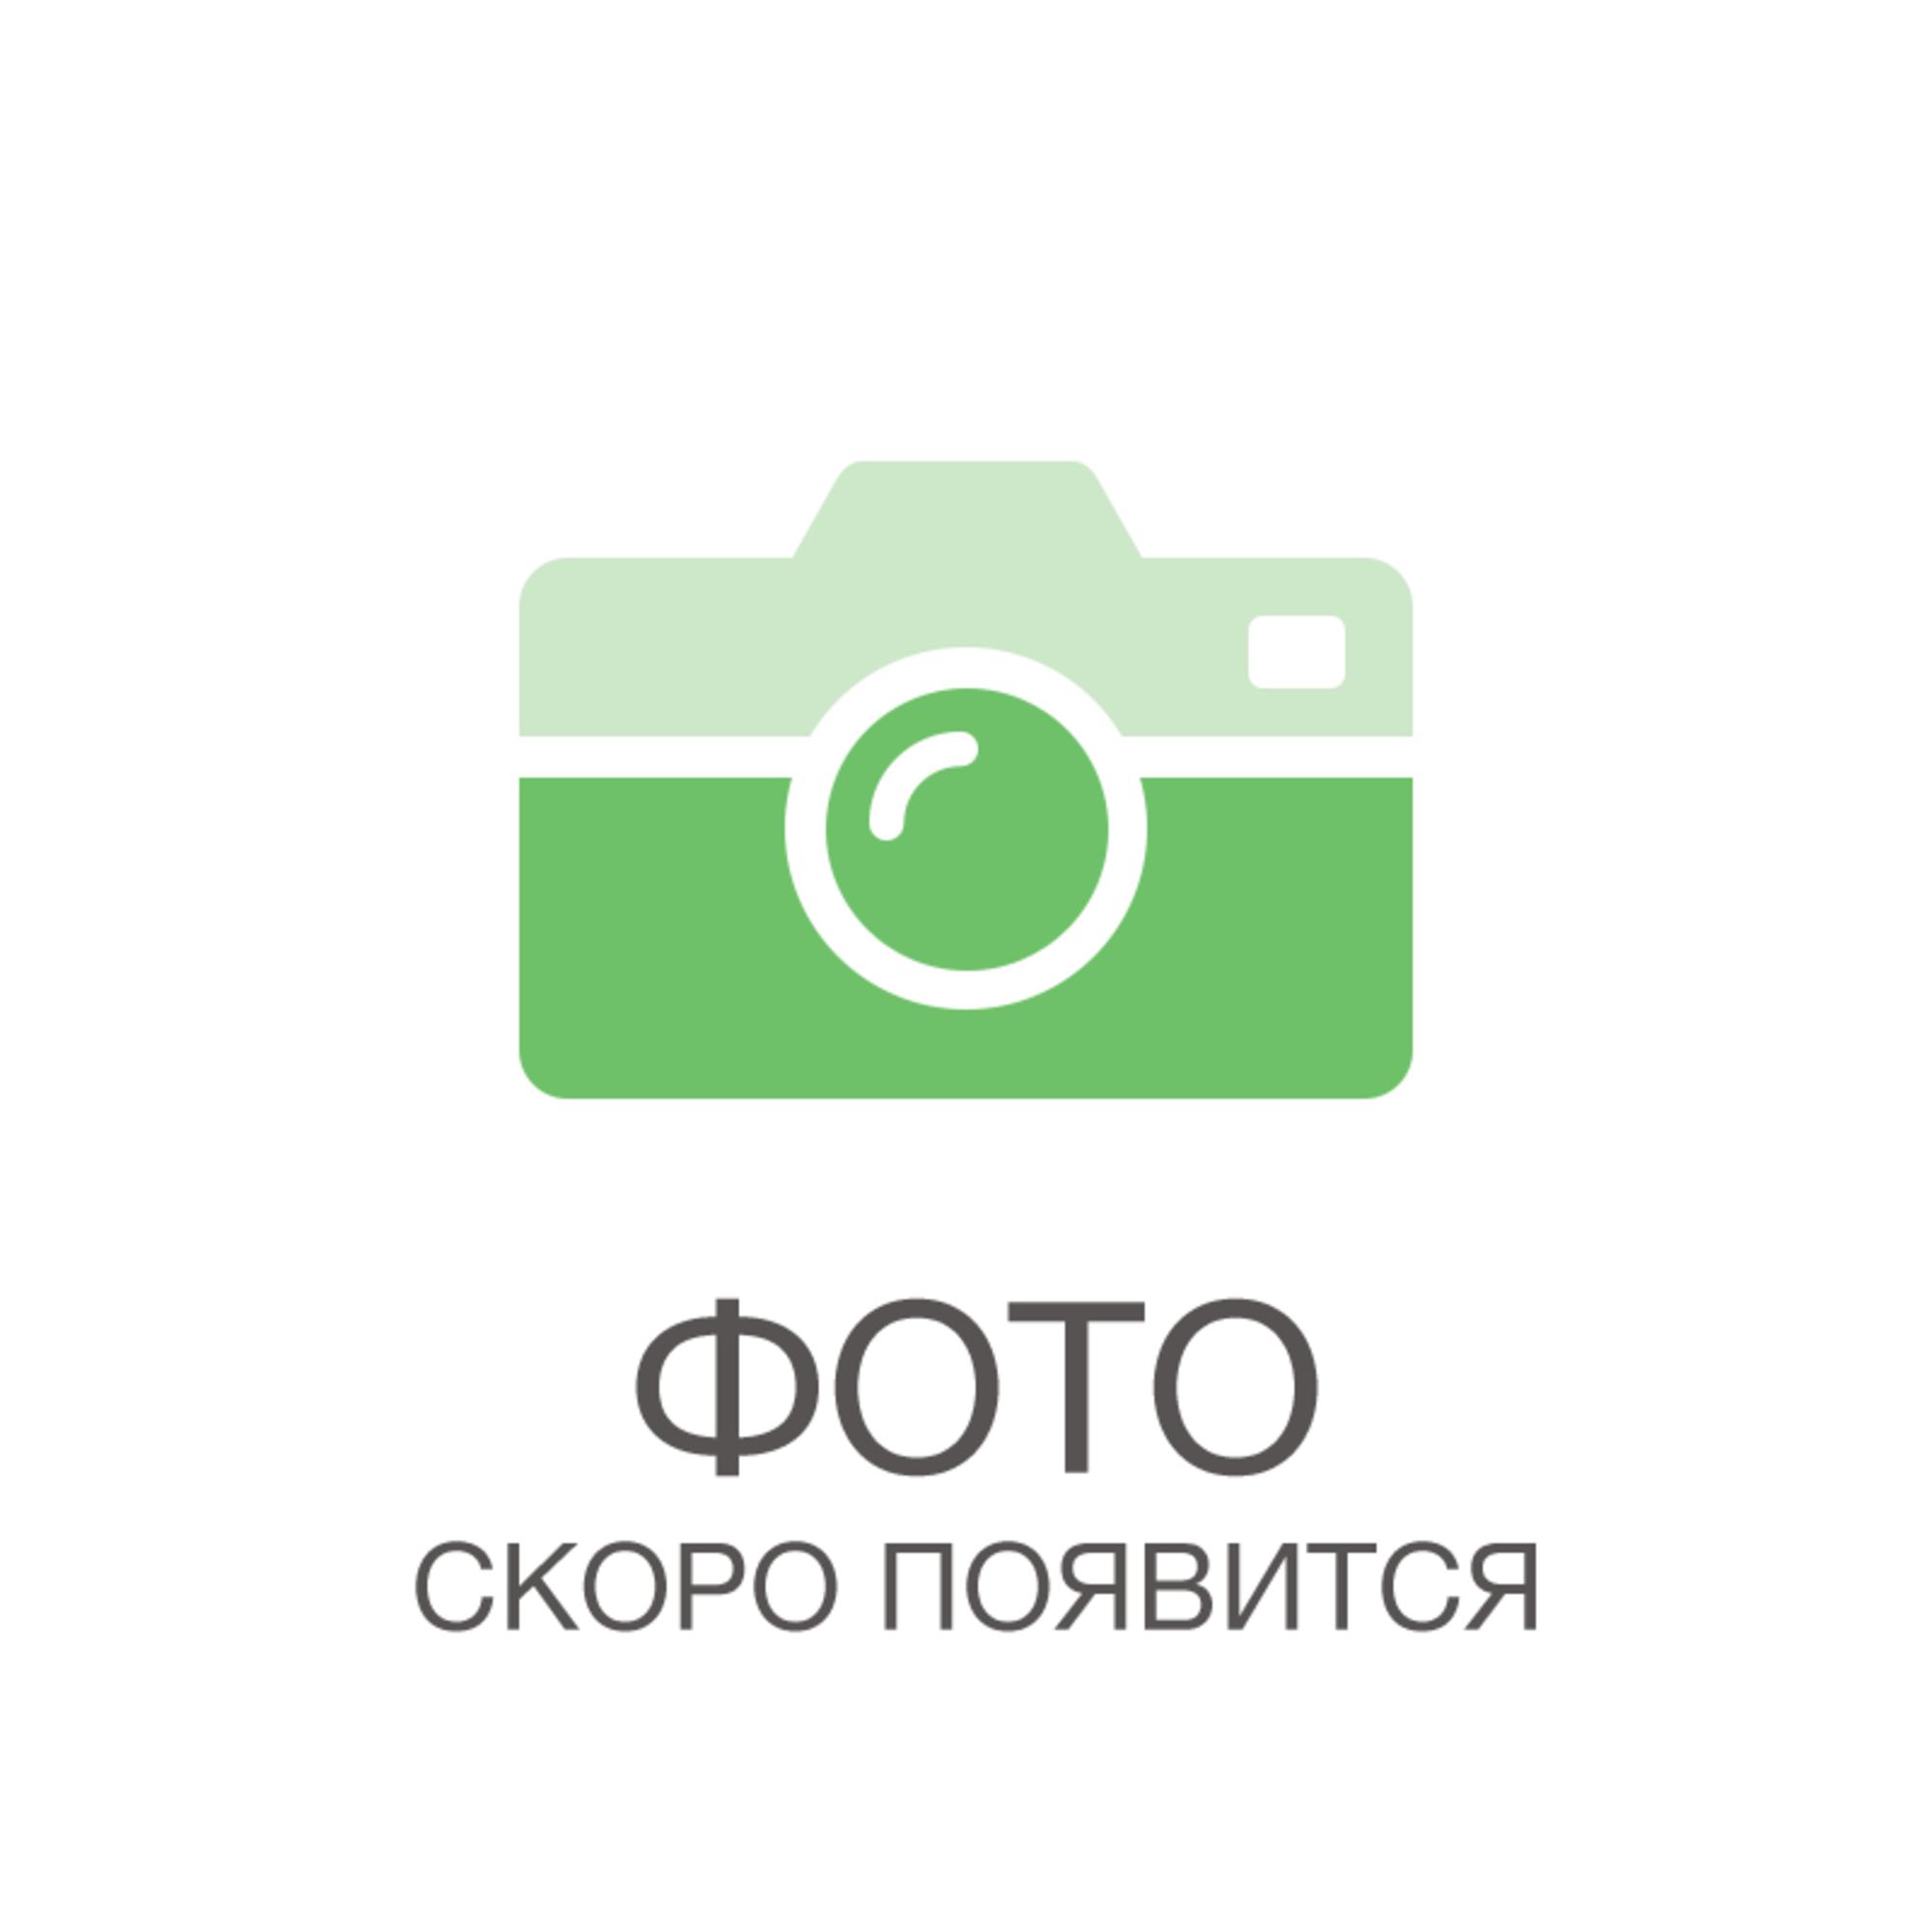 Светодиодная лампочка Фотон 23404 E27 530 Лм 6 Вт